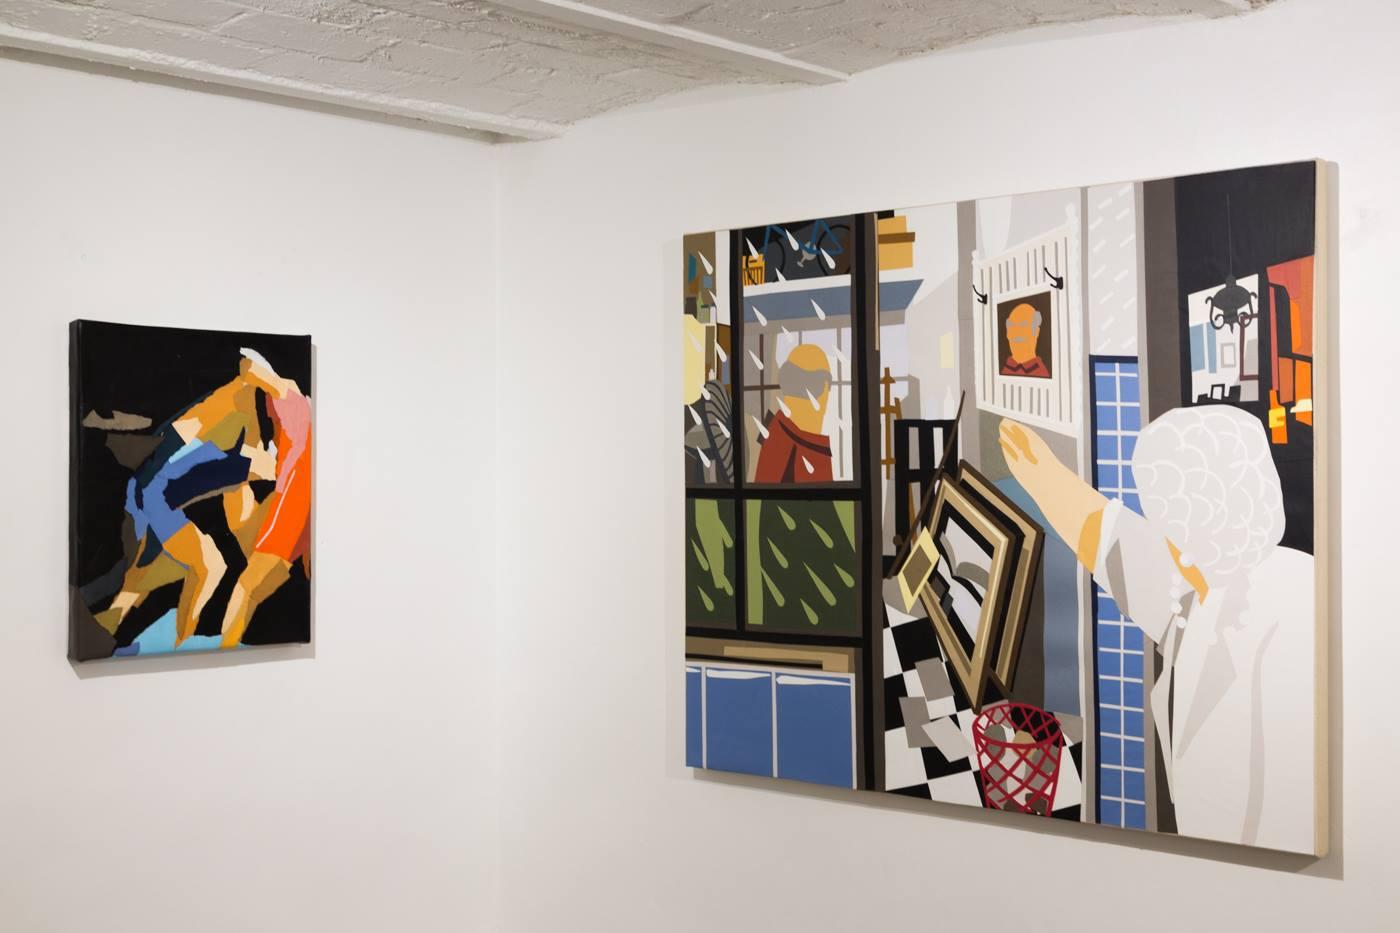 Franco Fasoli JAZ De Afuera Hacia Adentro Galerie Openspace